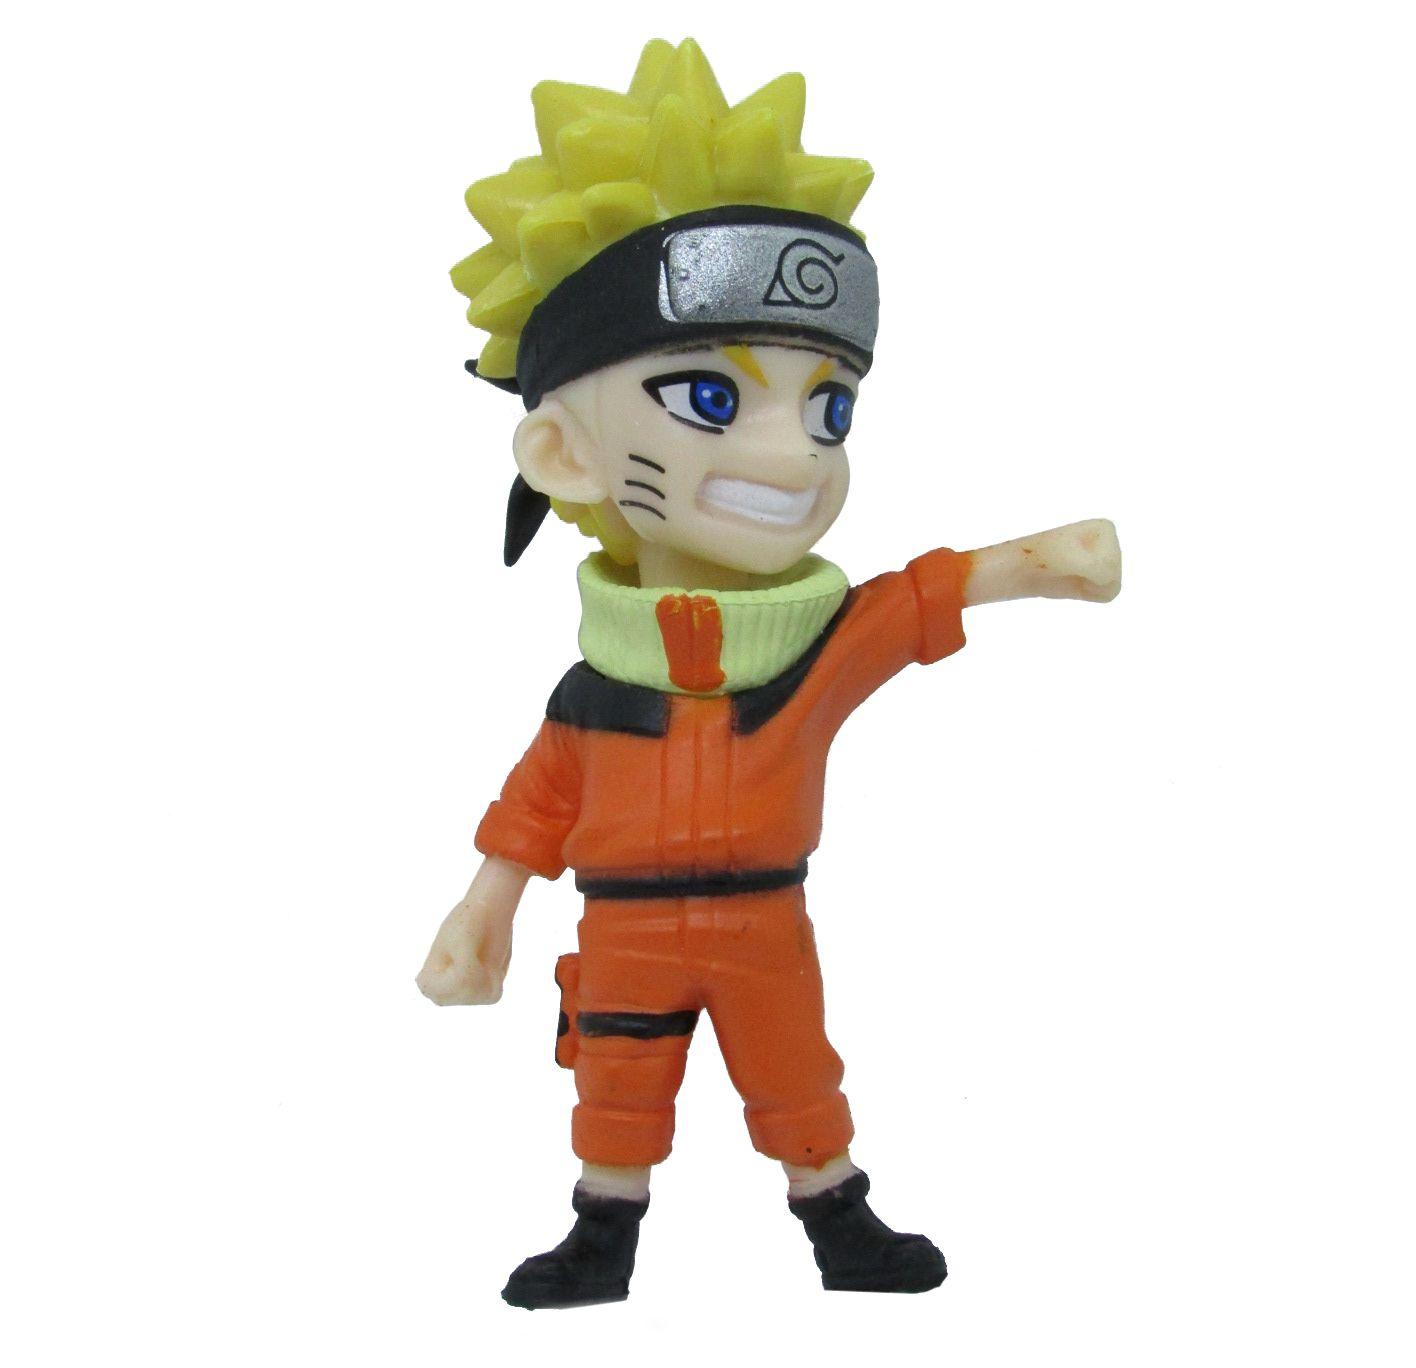 Boneco Colecionável Naruto Miniatura 9Cm em PVC - Naruto 02